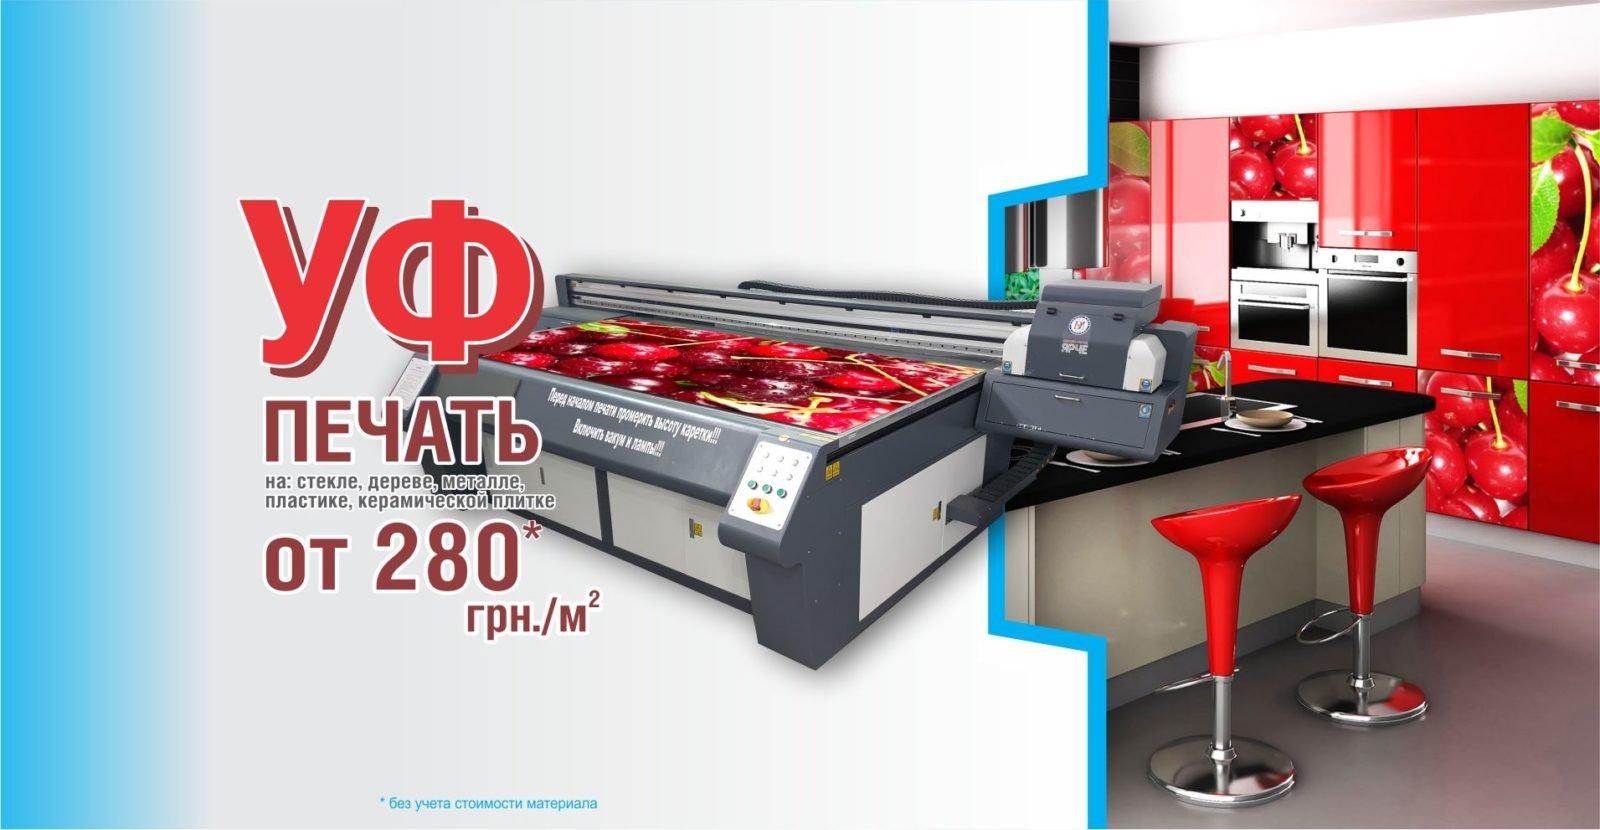 Качественная УФ печать